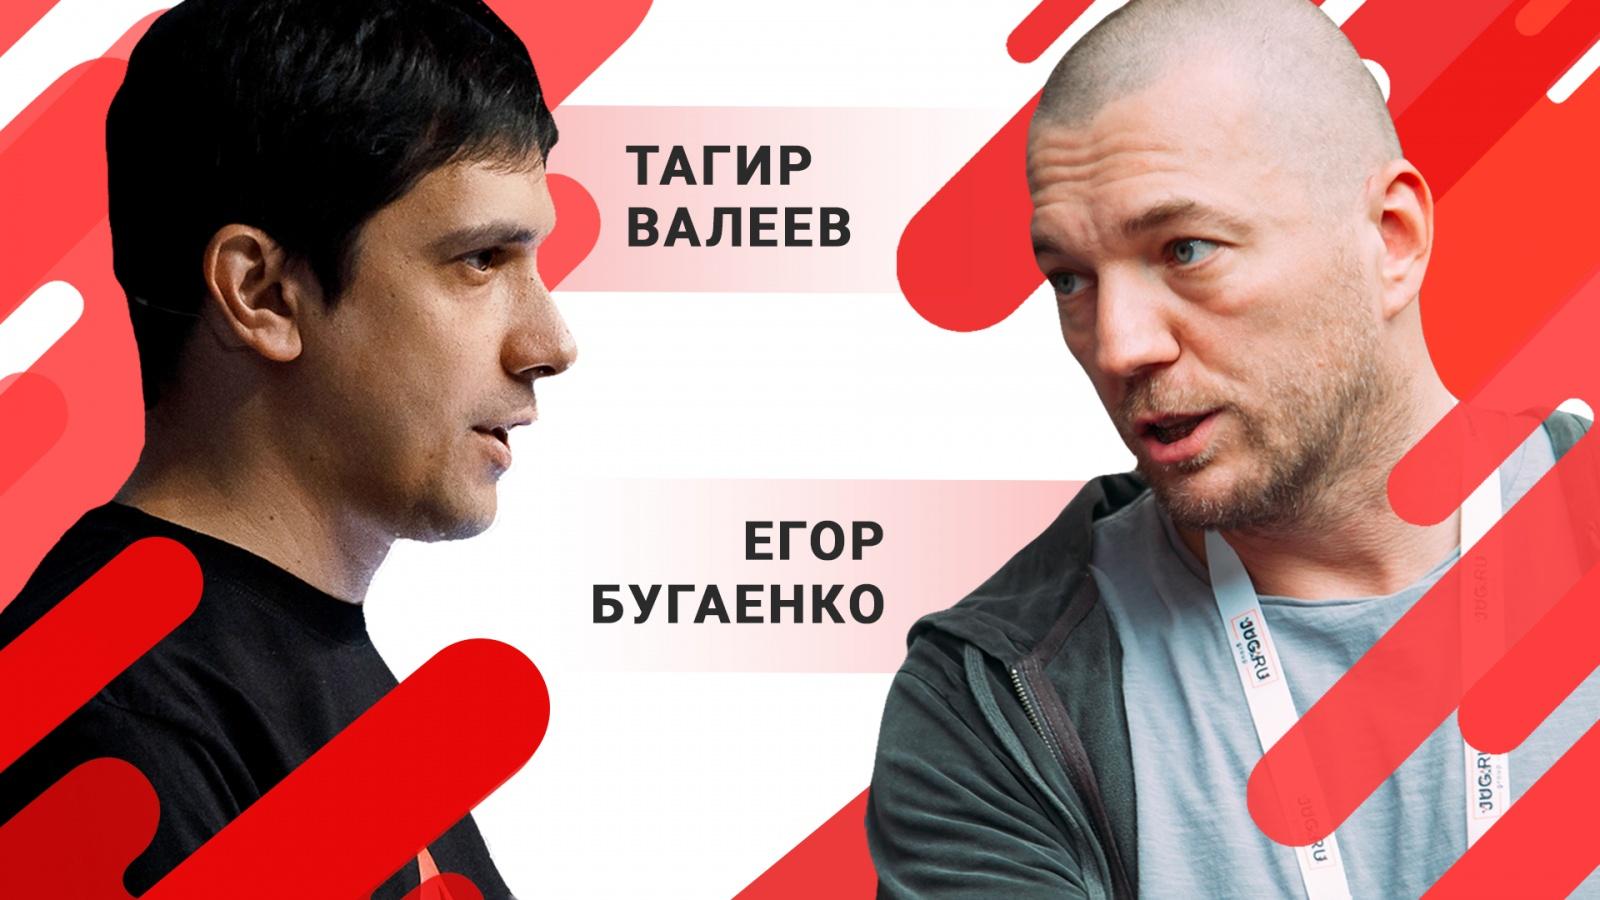 Тагир и Егор: интервью с Тагиром Валеевым - 1